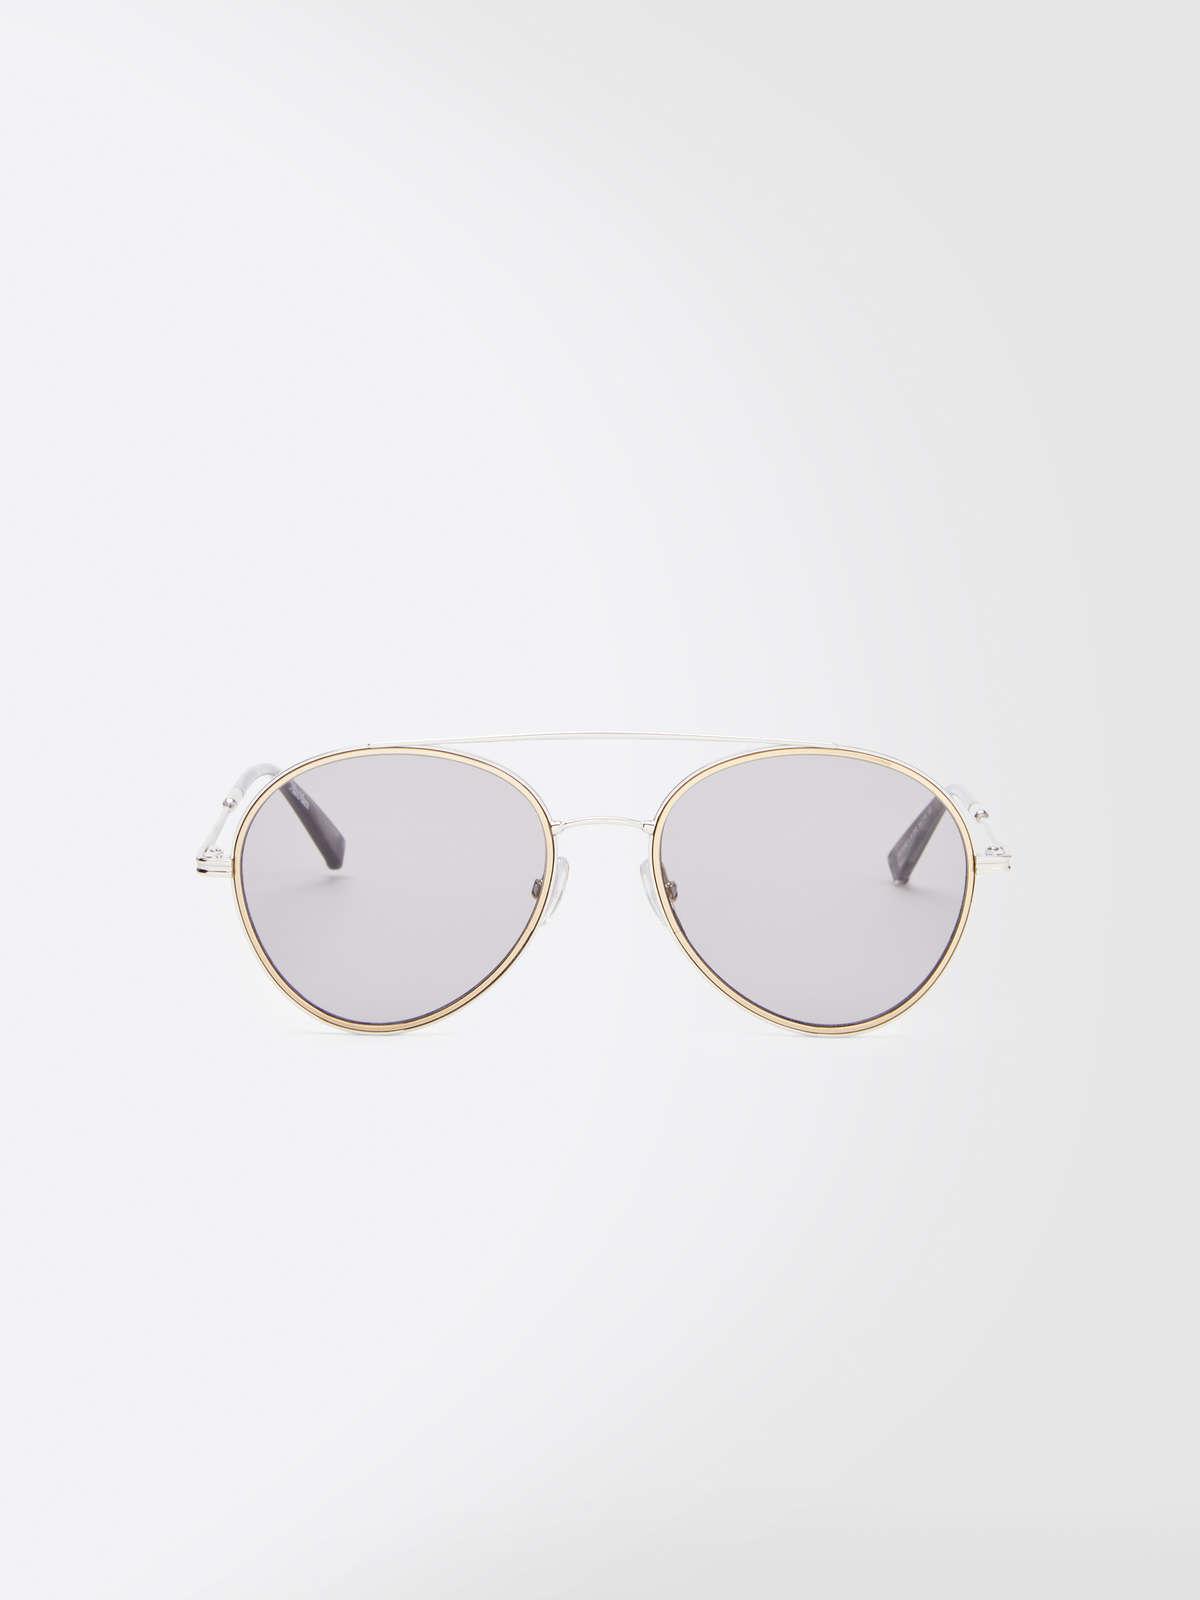 Max Mara - Schmale Piloten-Sonnenbrille - 5